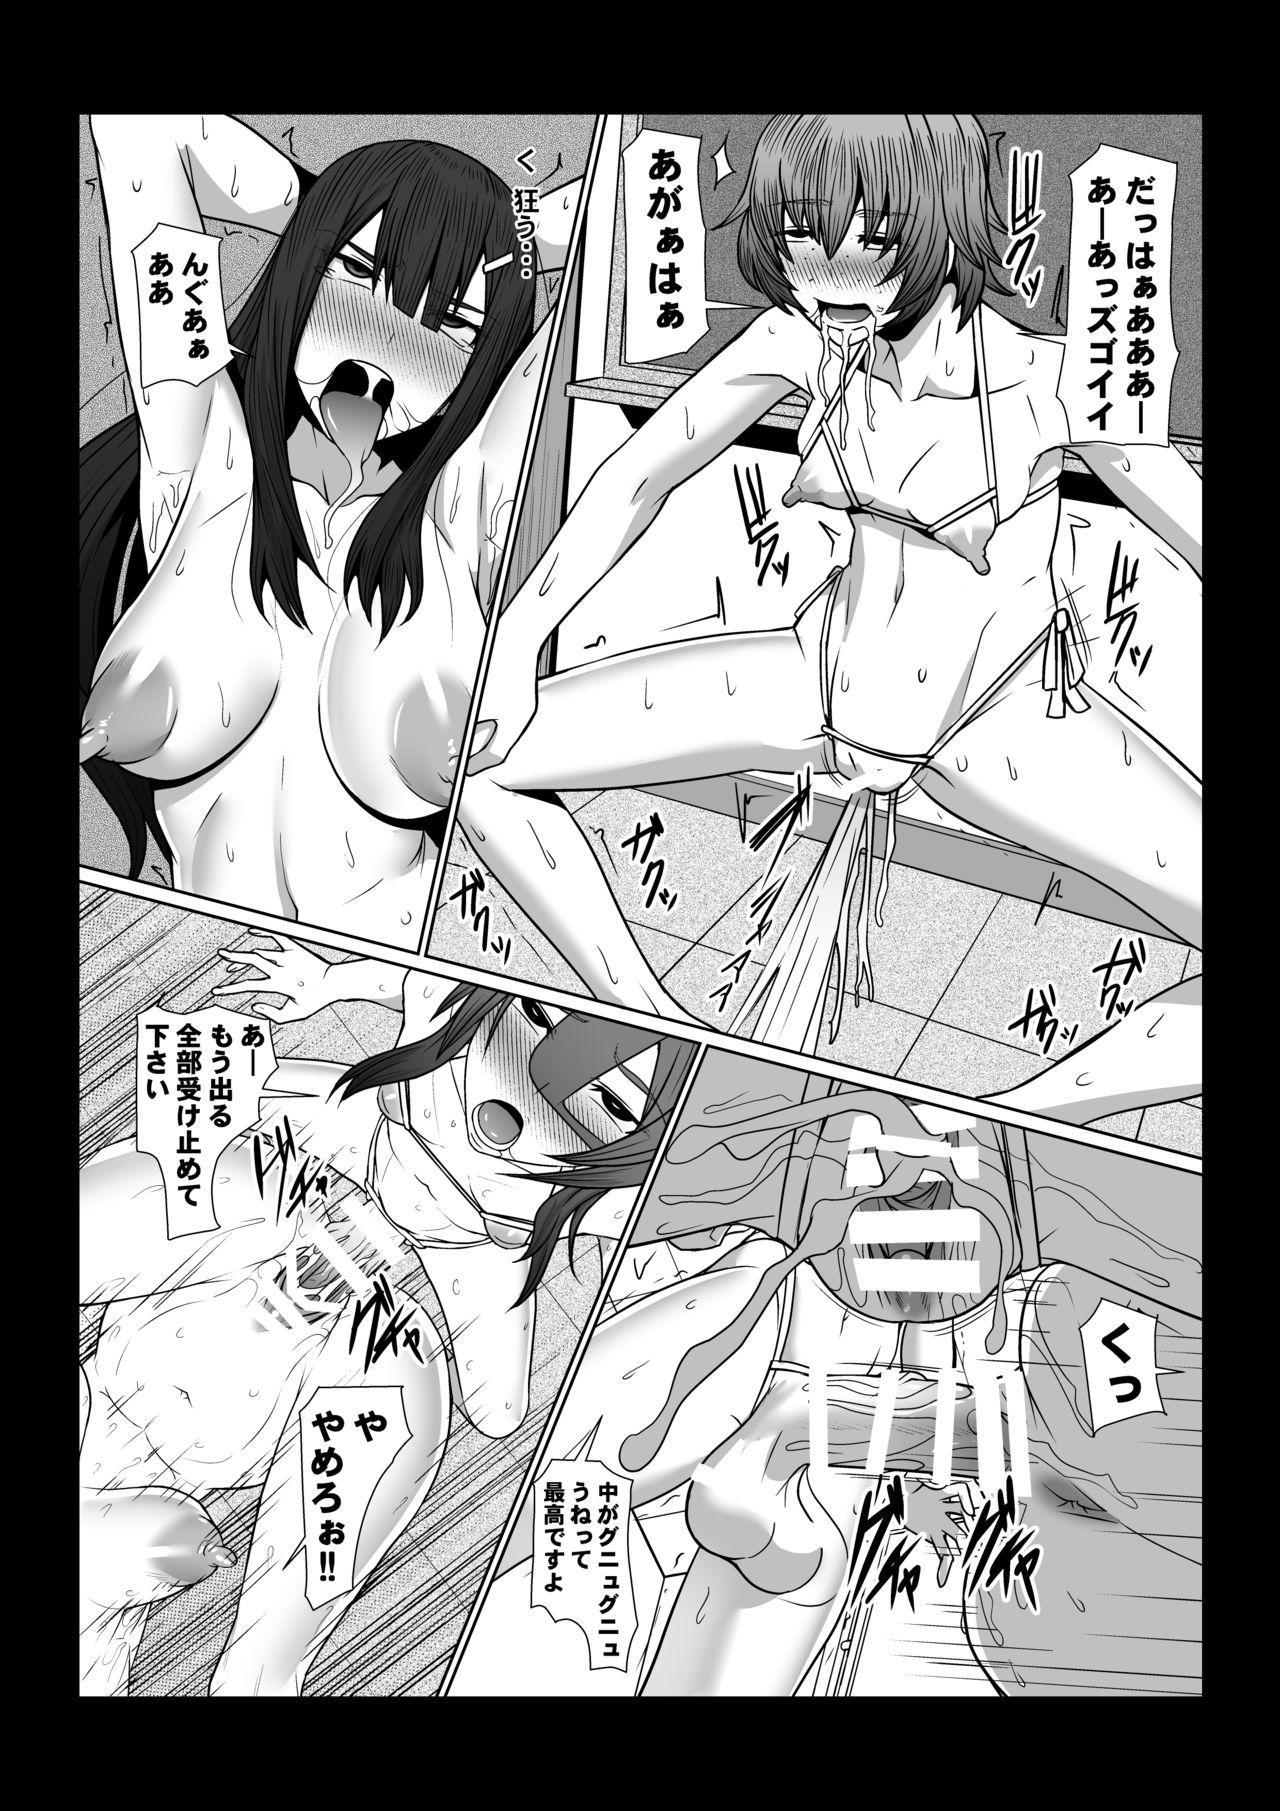 Boku no Chikara 32